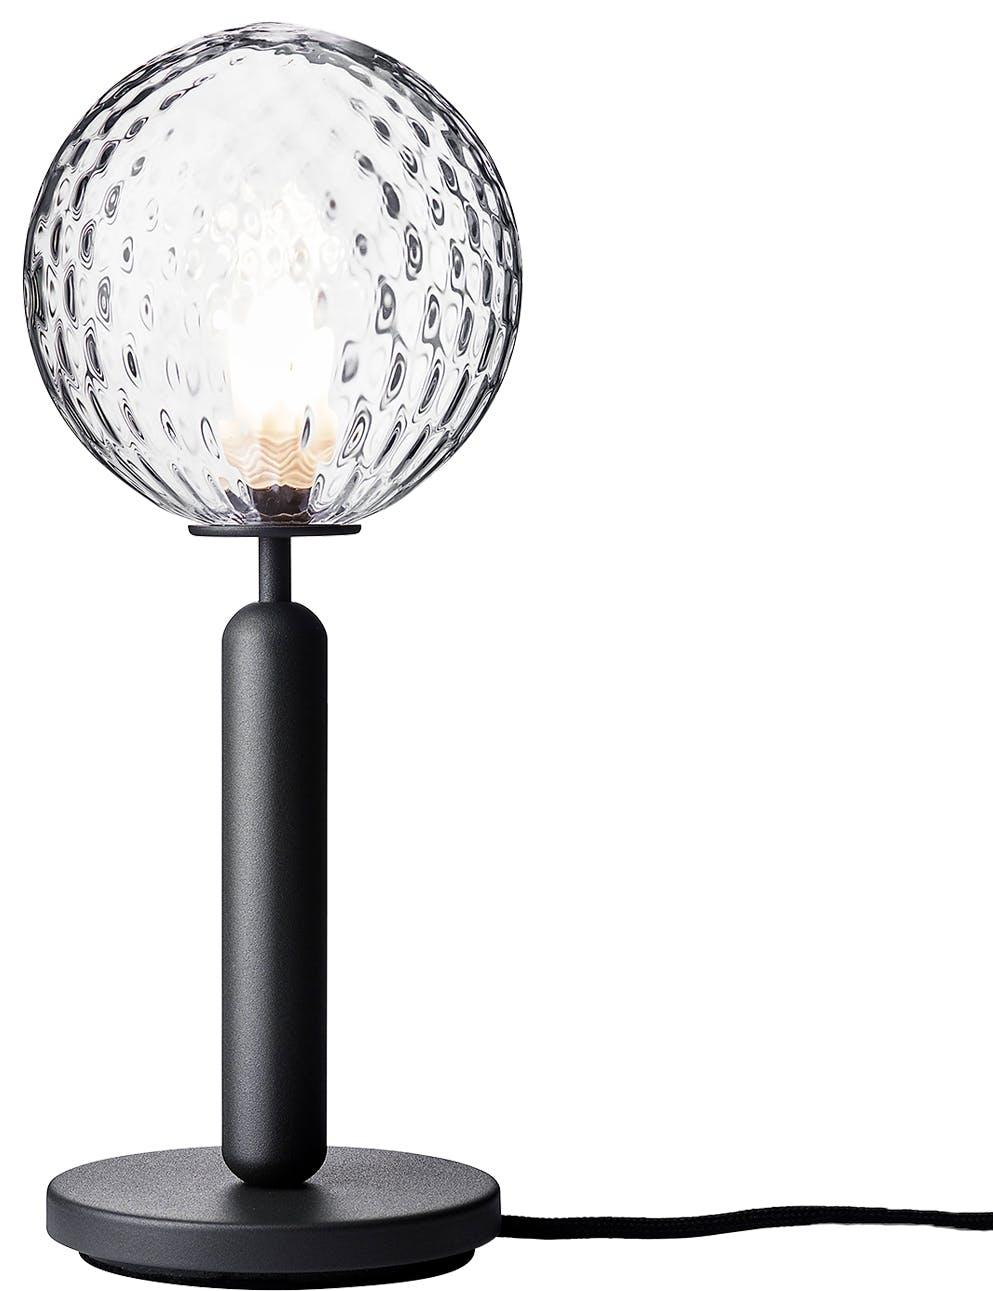 nuura miira table lamp thumb haute living